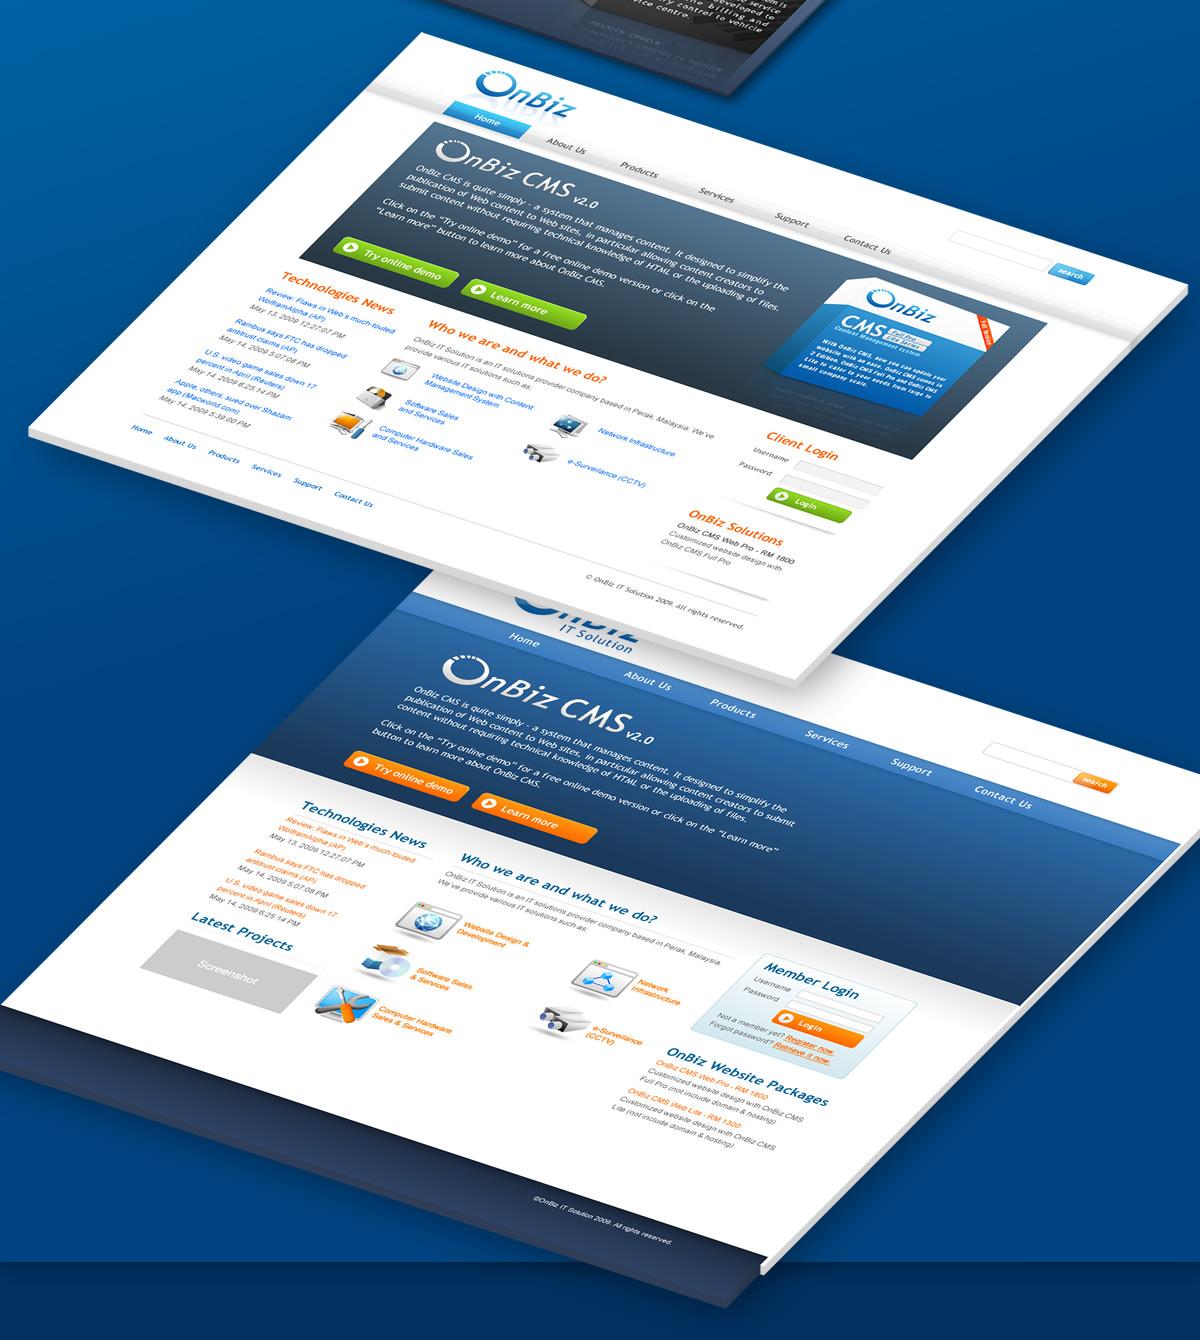 onbiz website in isometric view